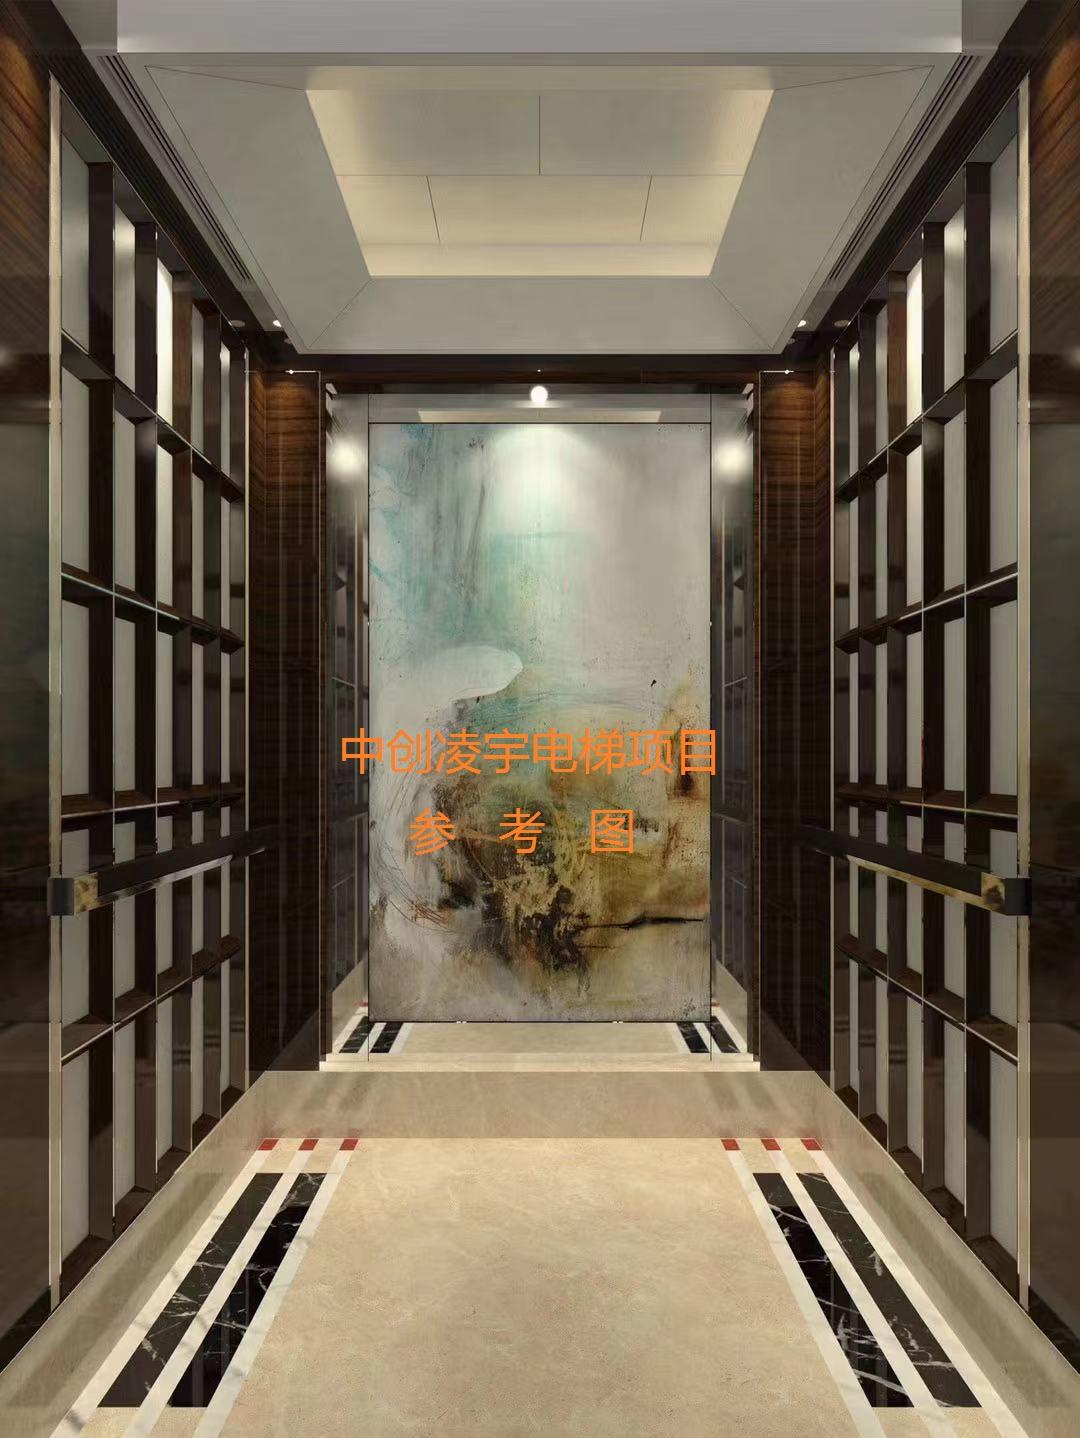 商场酒店扶梯装修客梯内部装饰新旧电梯翻新定做